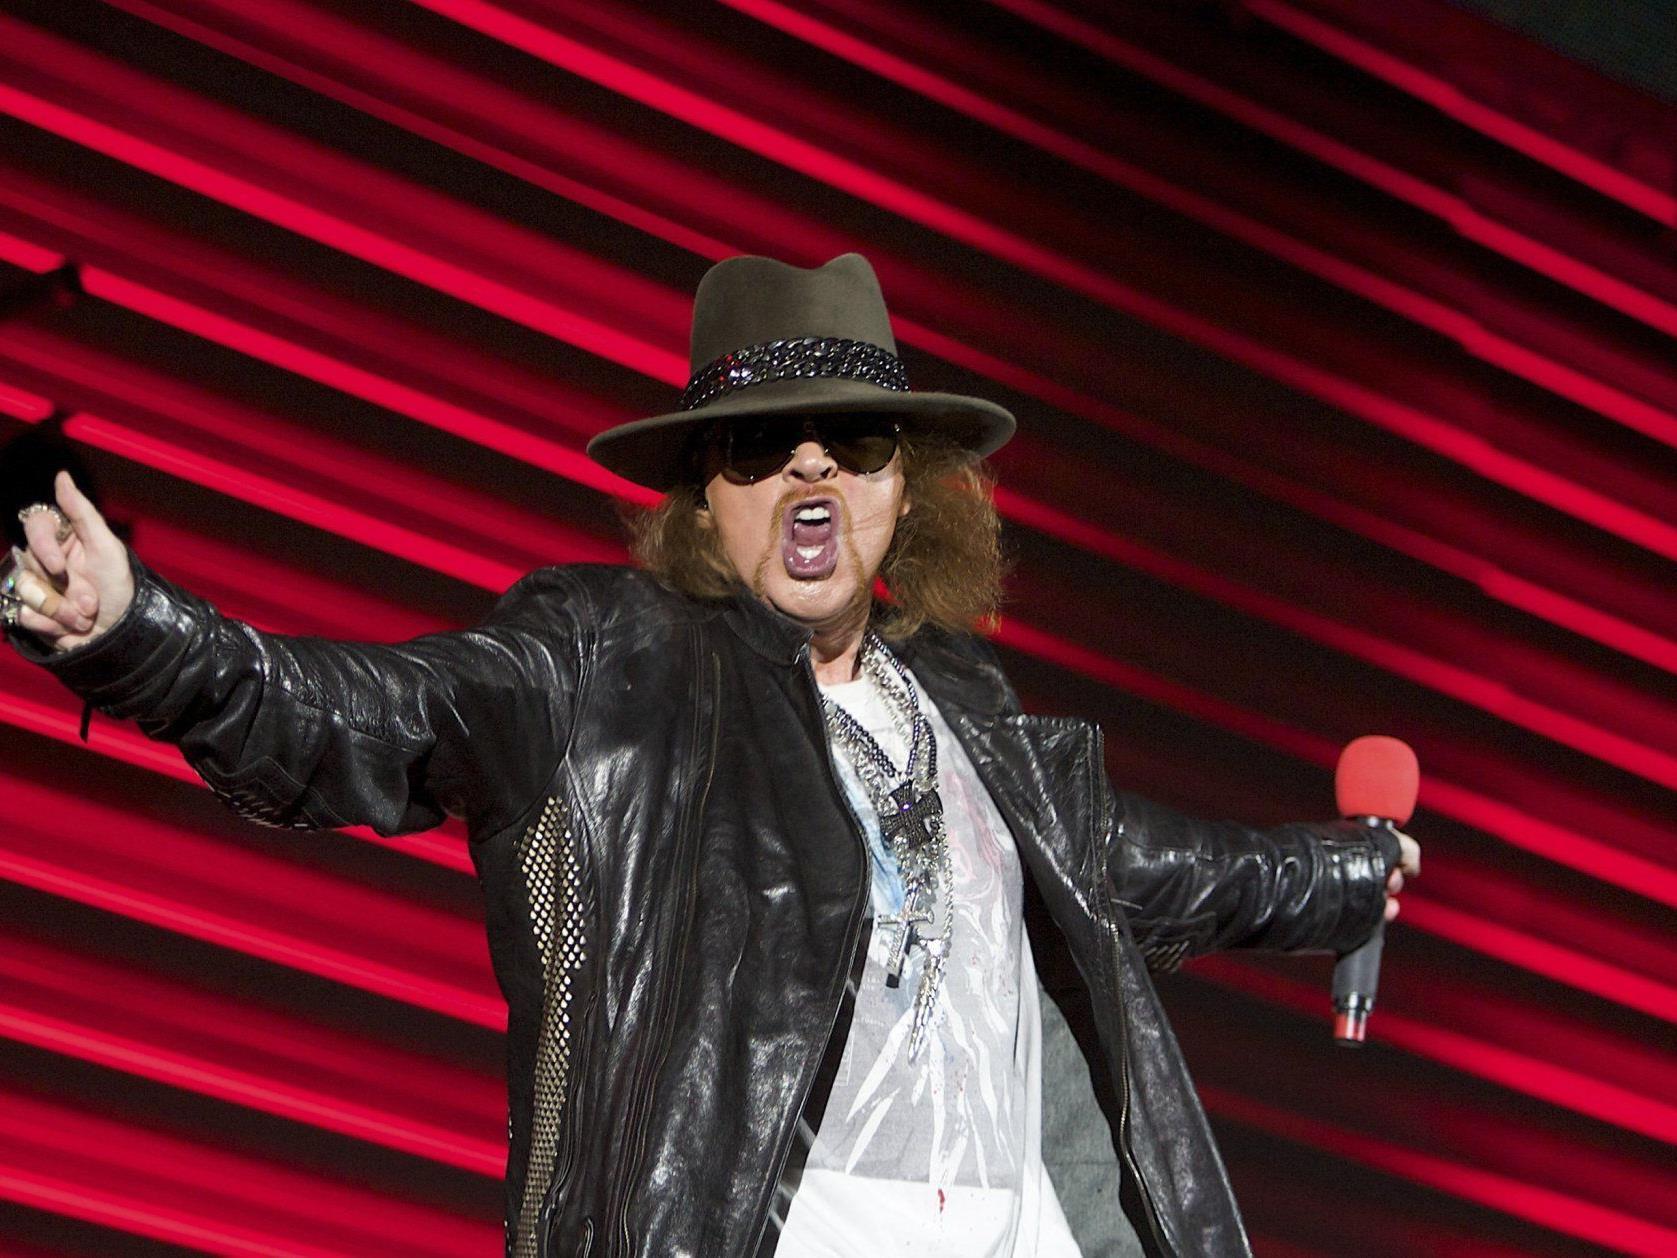 Gus N Roses spielen am 29. Juni als Headliner am Seerock-Festival am Schwarzlsee.